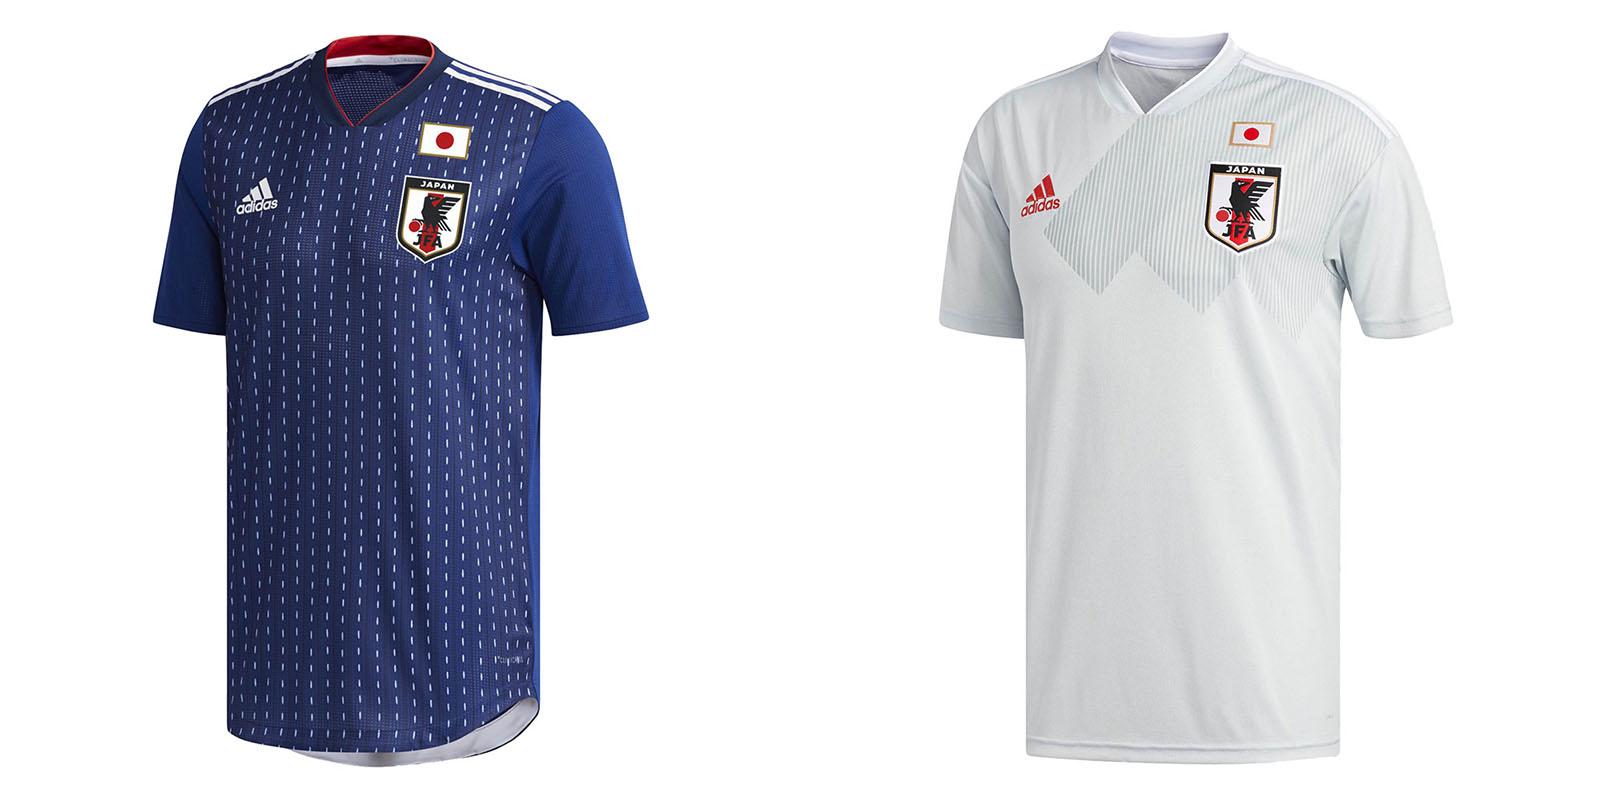 Форма сборной Японии на ЧМ2018